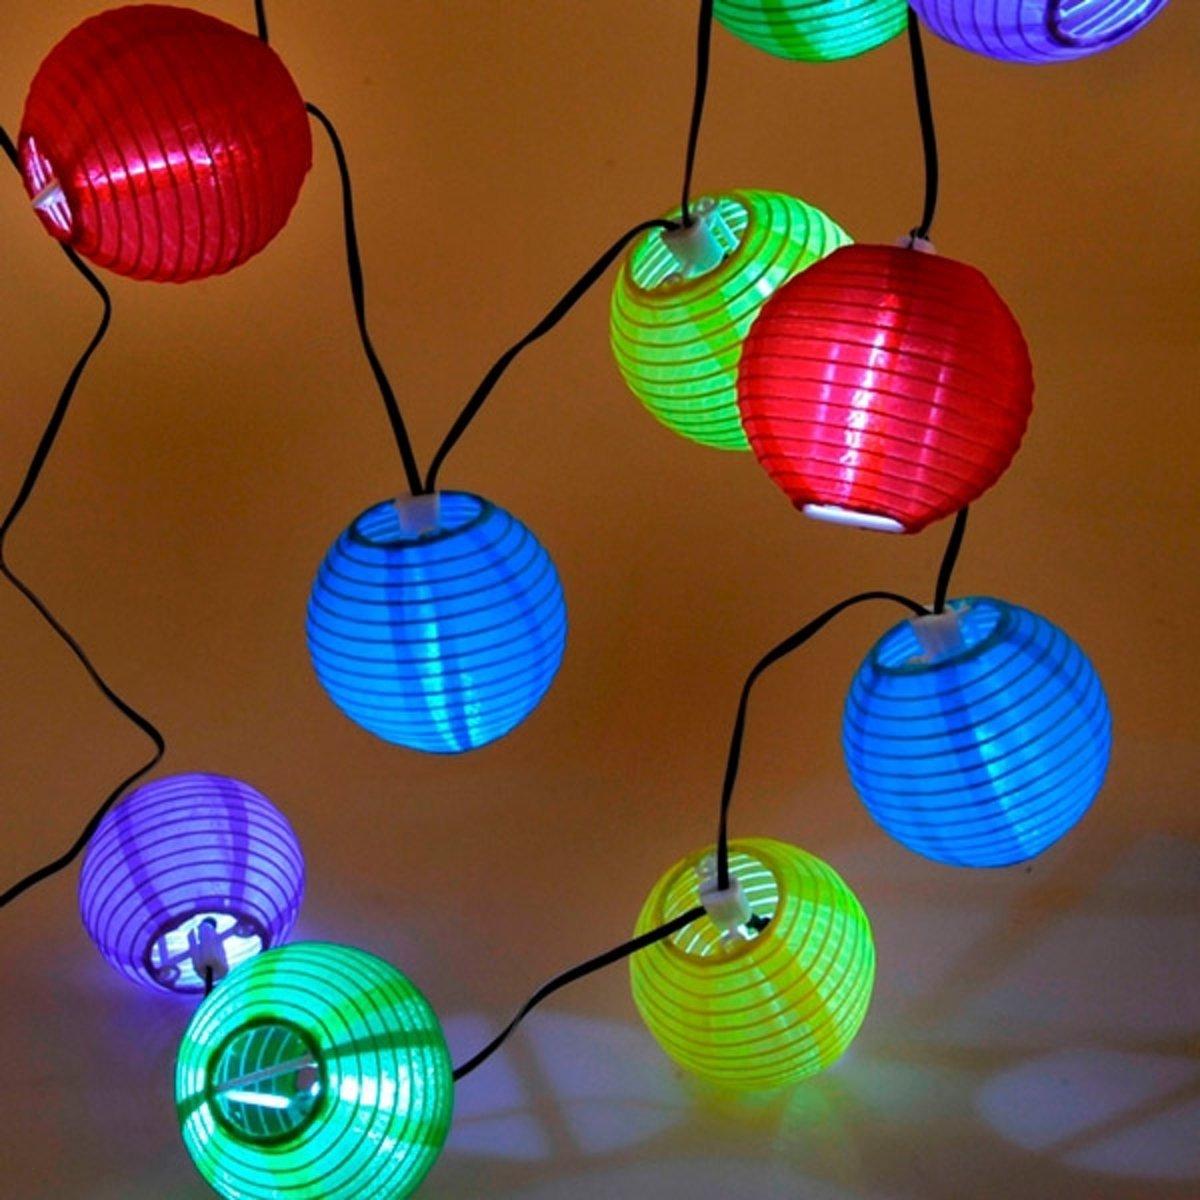 Gekleurde Lampionnen LED Snoerverlichting op Zonne Energie inclusief Batterij - 10 stuks - 4,5 m | Solar | Zonne-energie | Feestverlichting